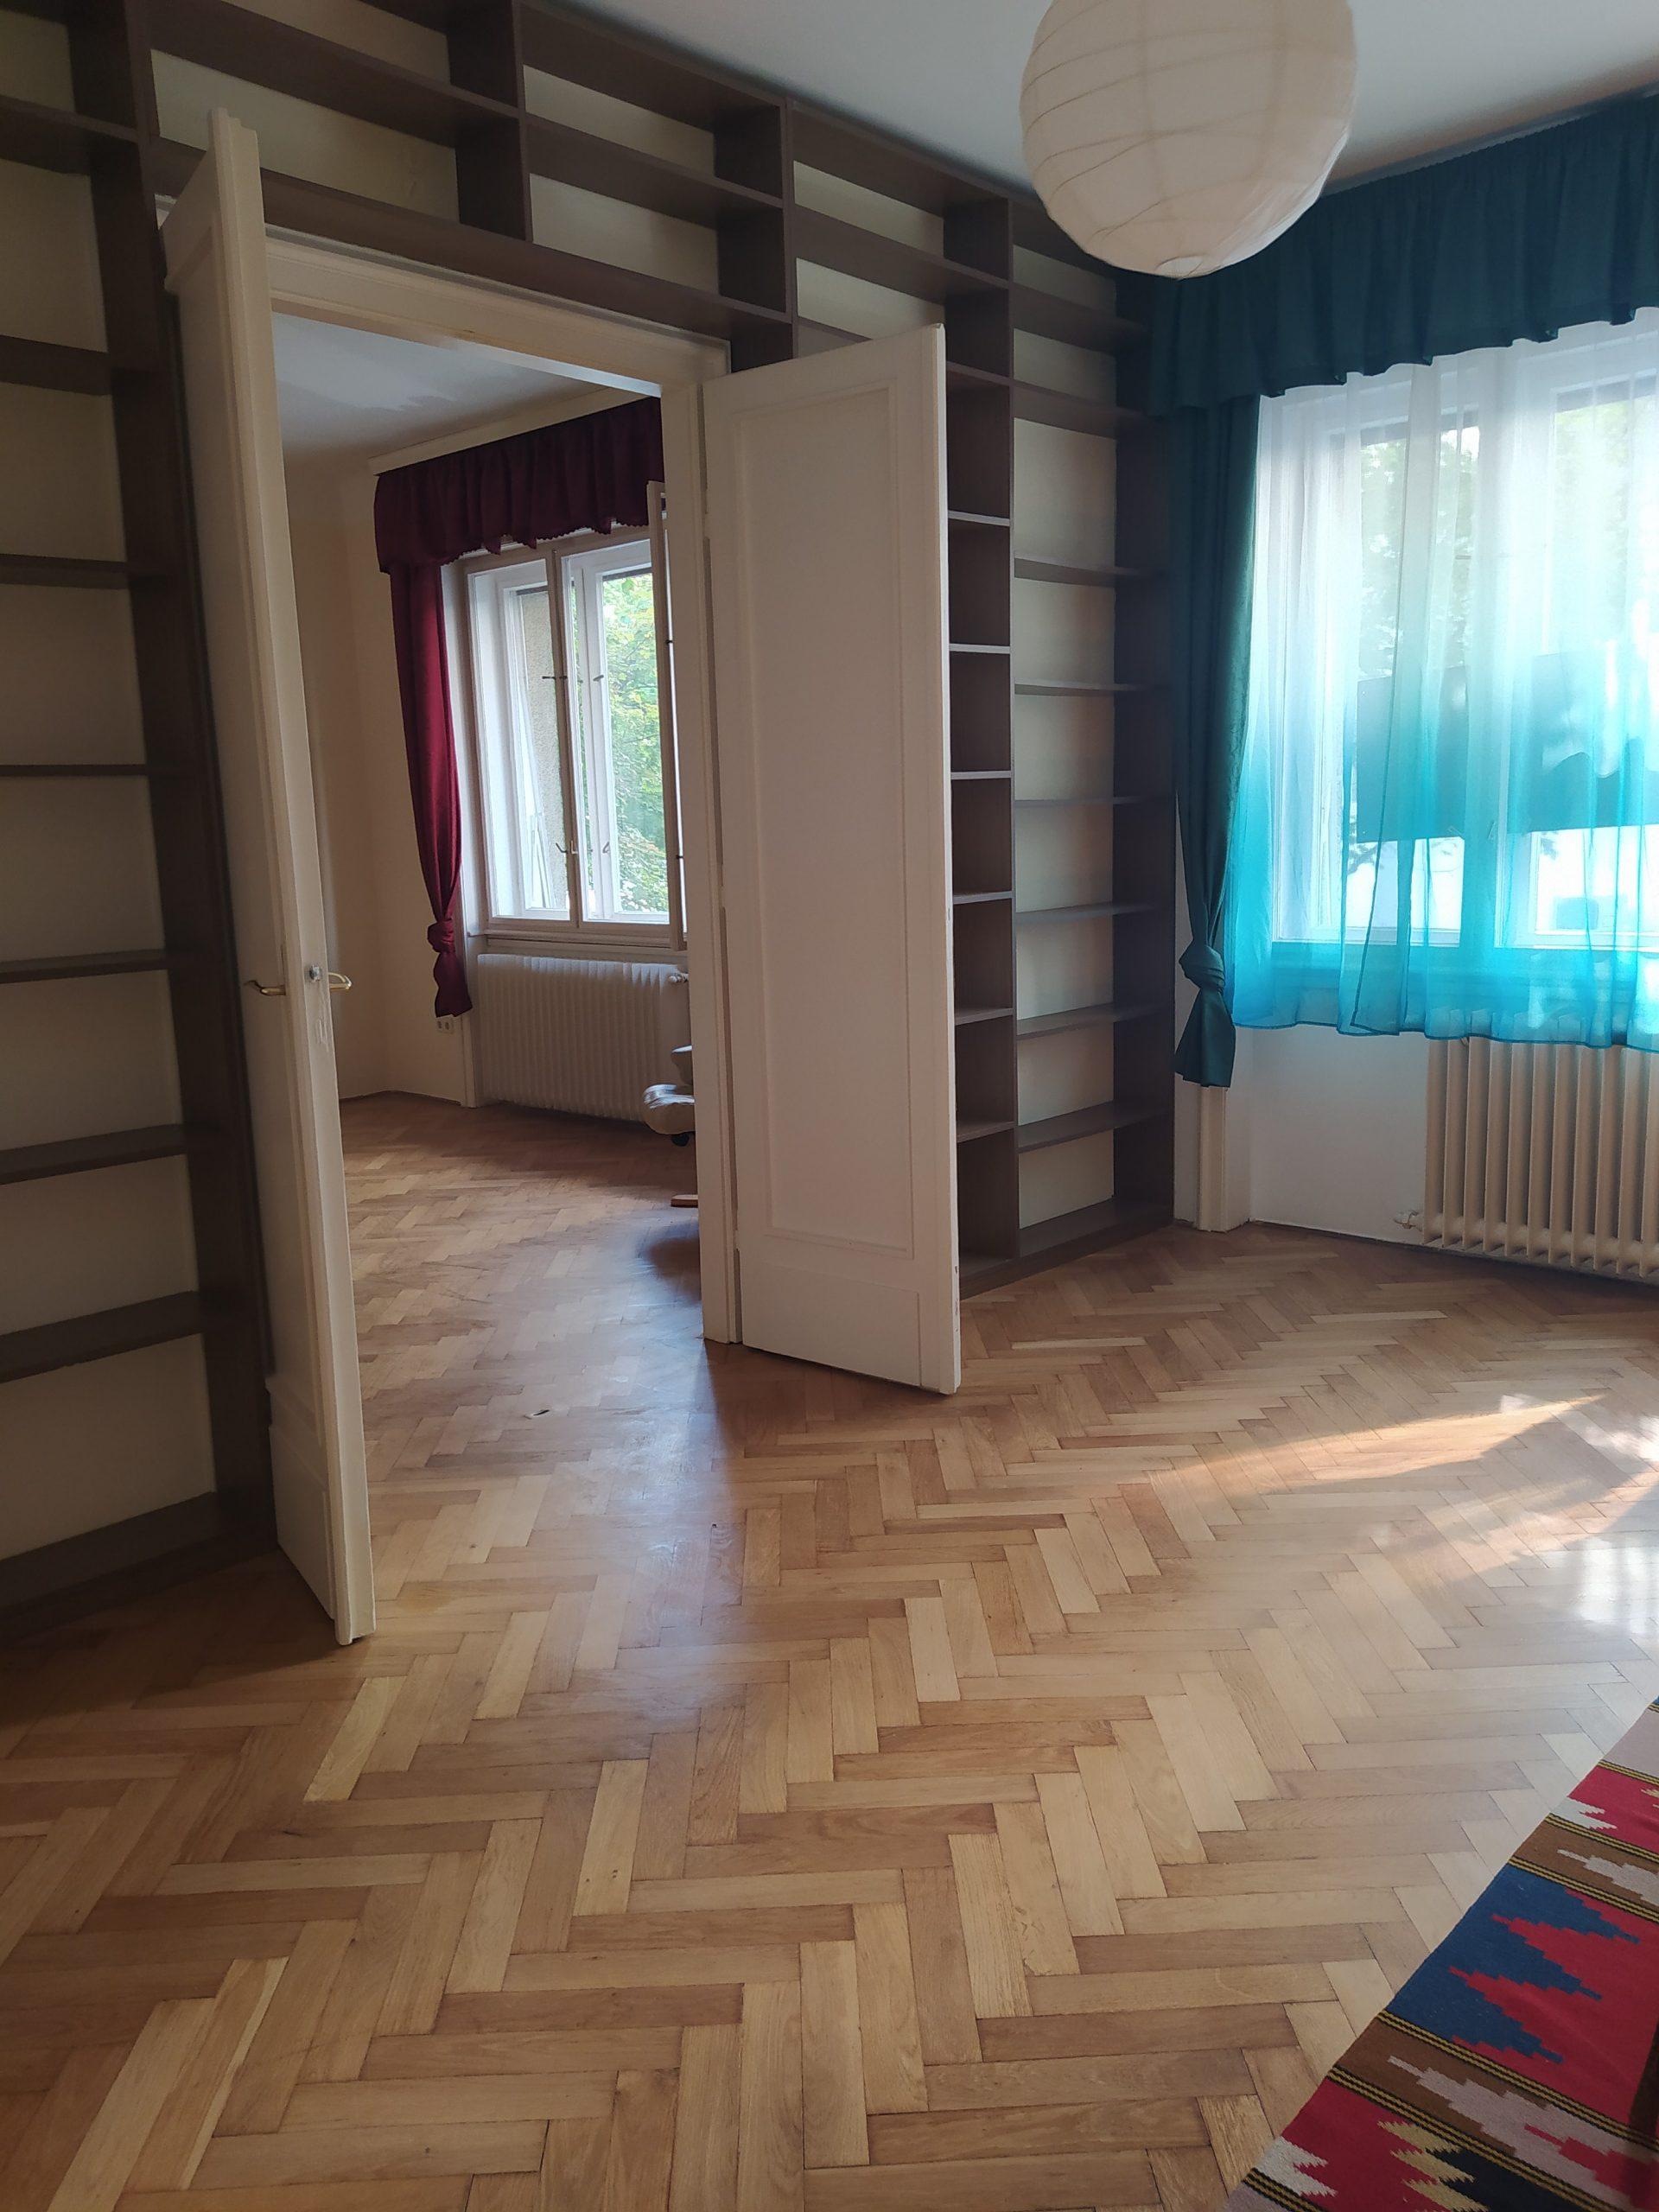 Kiadó lakás, Vásárhelyi Pál utca.